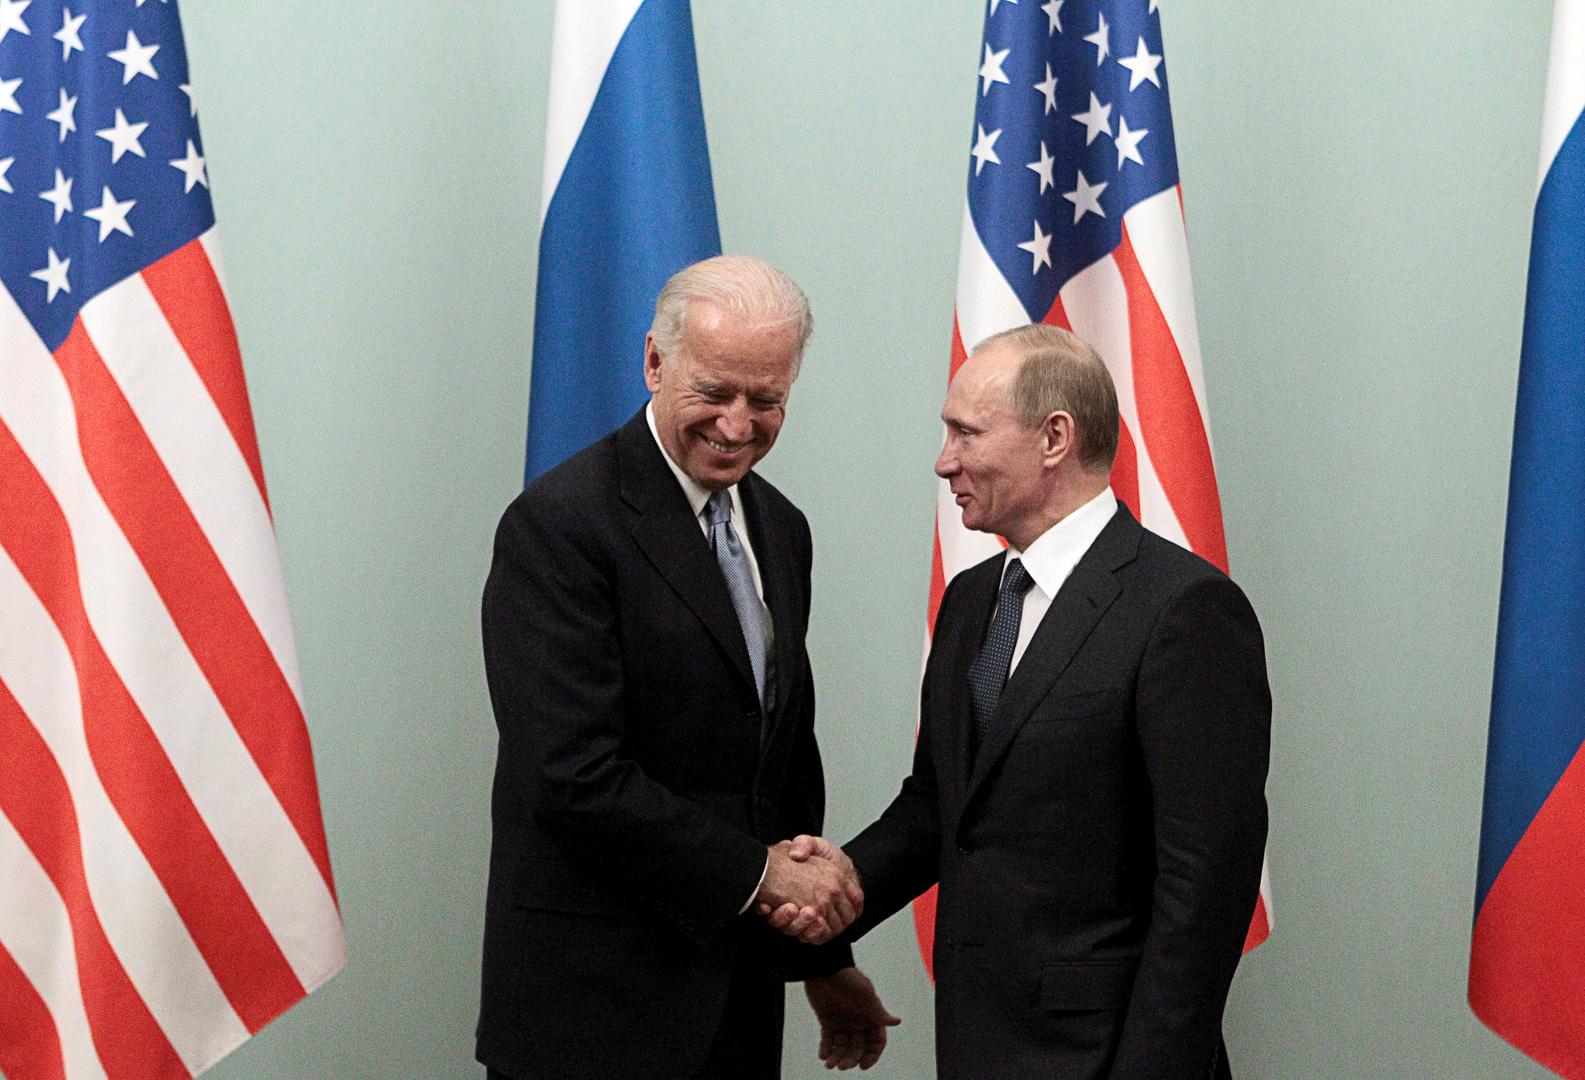 مجلس الأمن الروسي: الكرملين لا ينتظر اعتذارا من بايدن عن تصريحه حول بوتين